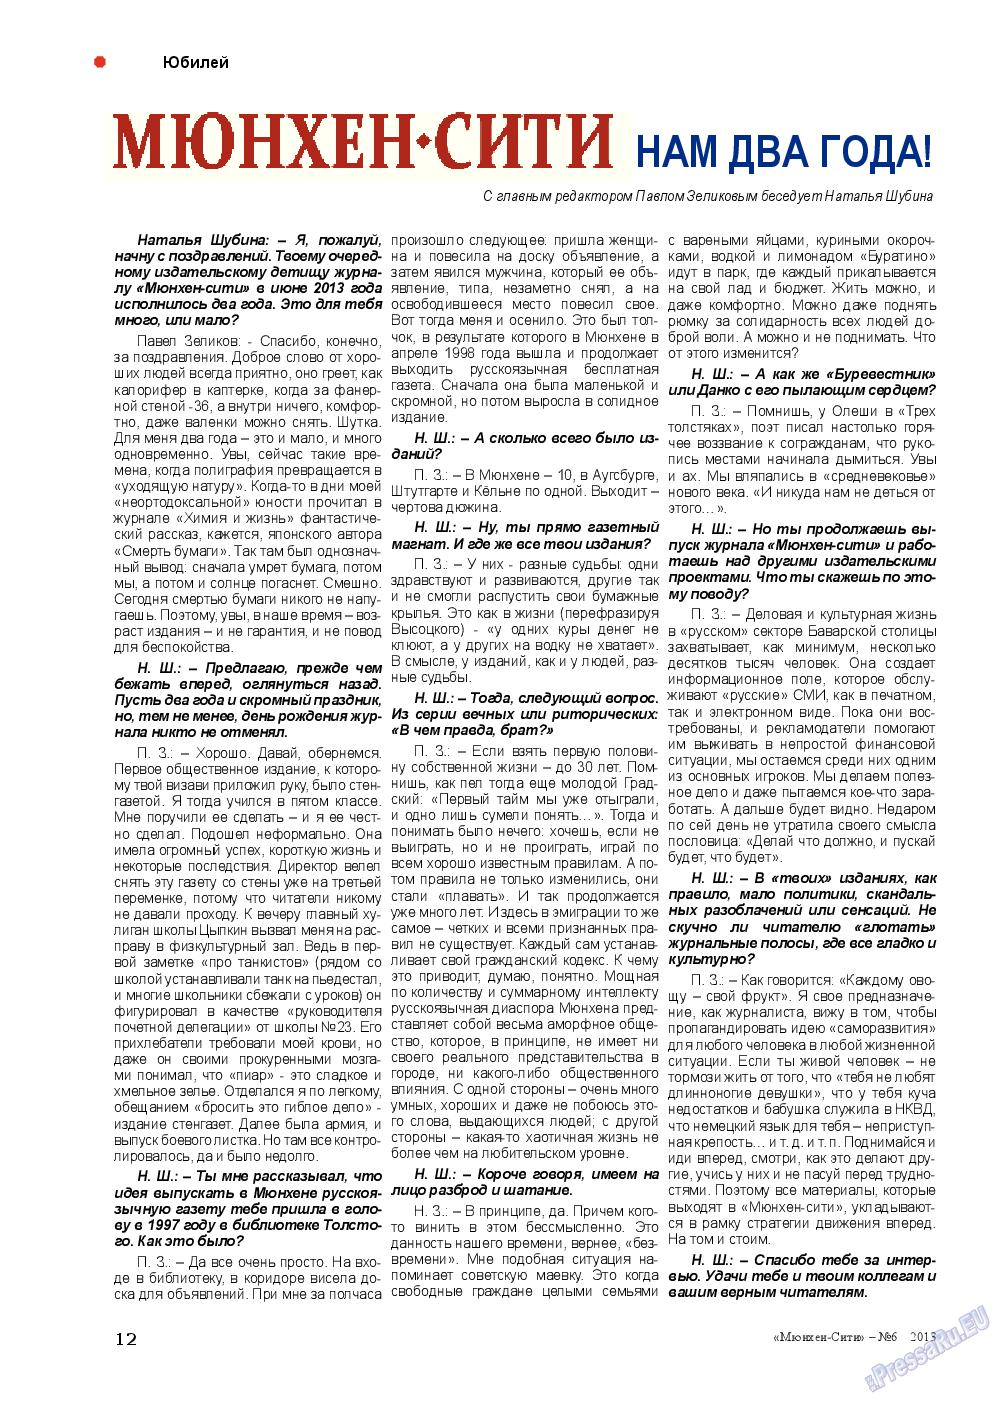 Мюнхен-сити (журнал). 2013 год, номер 6, стр. 12